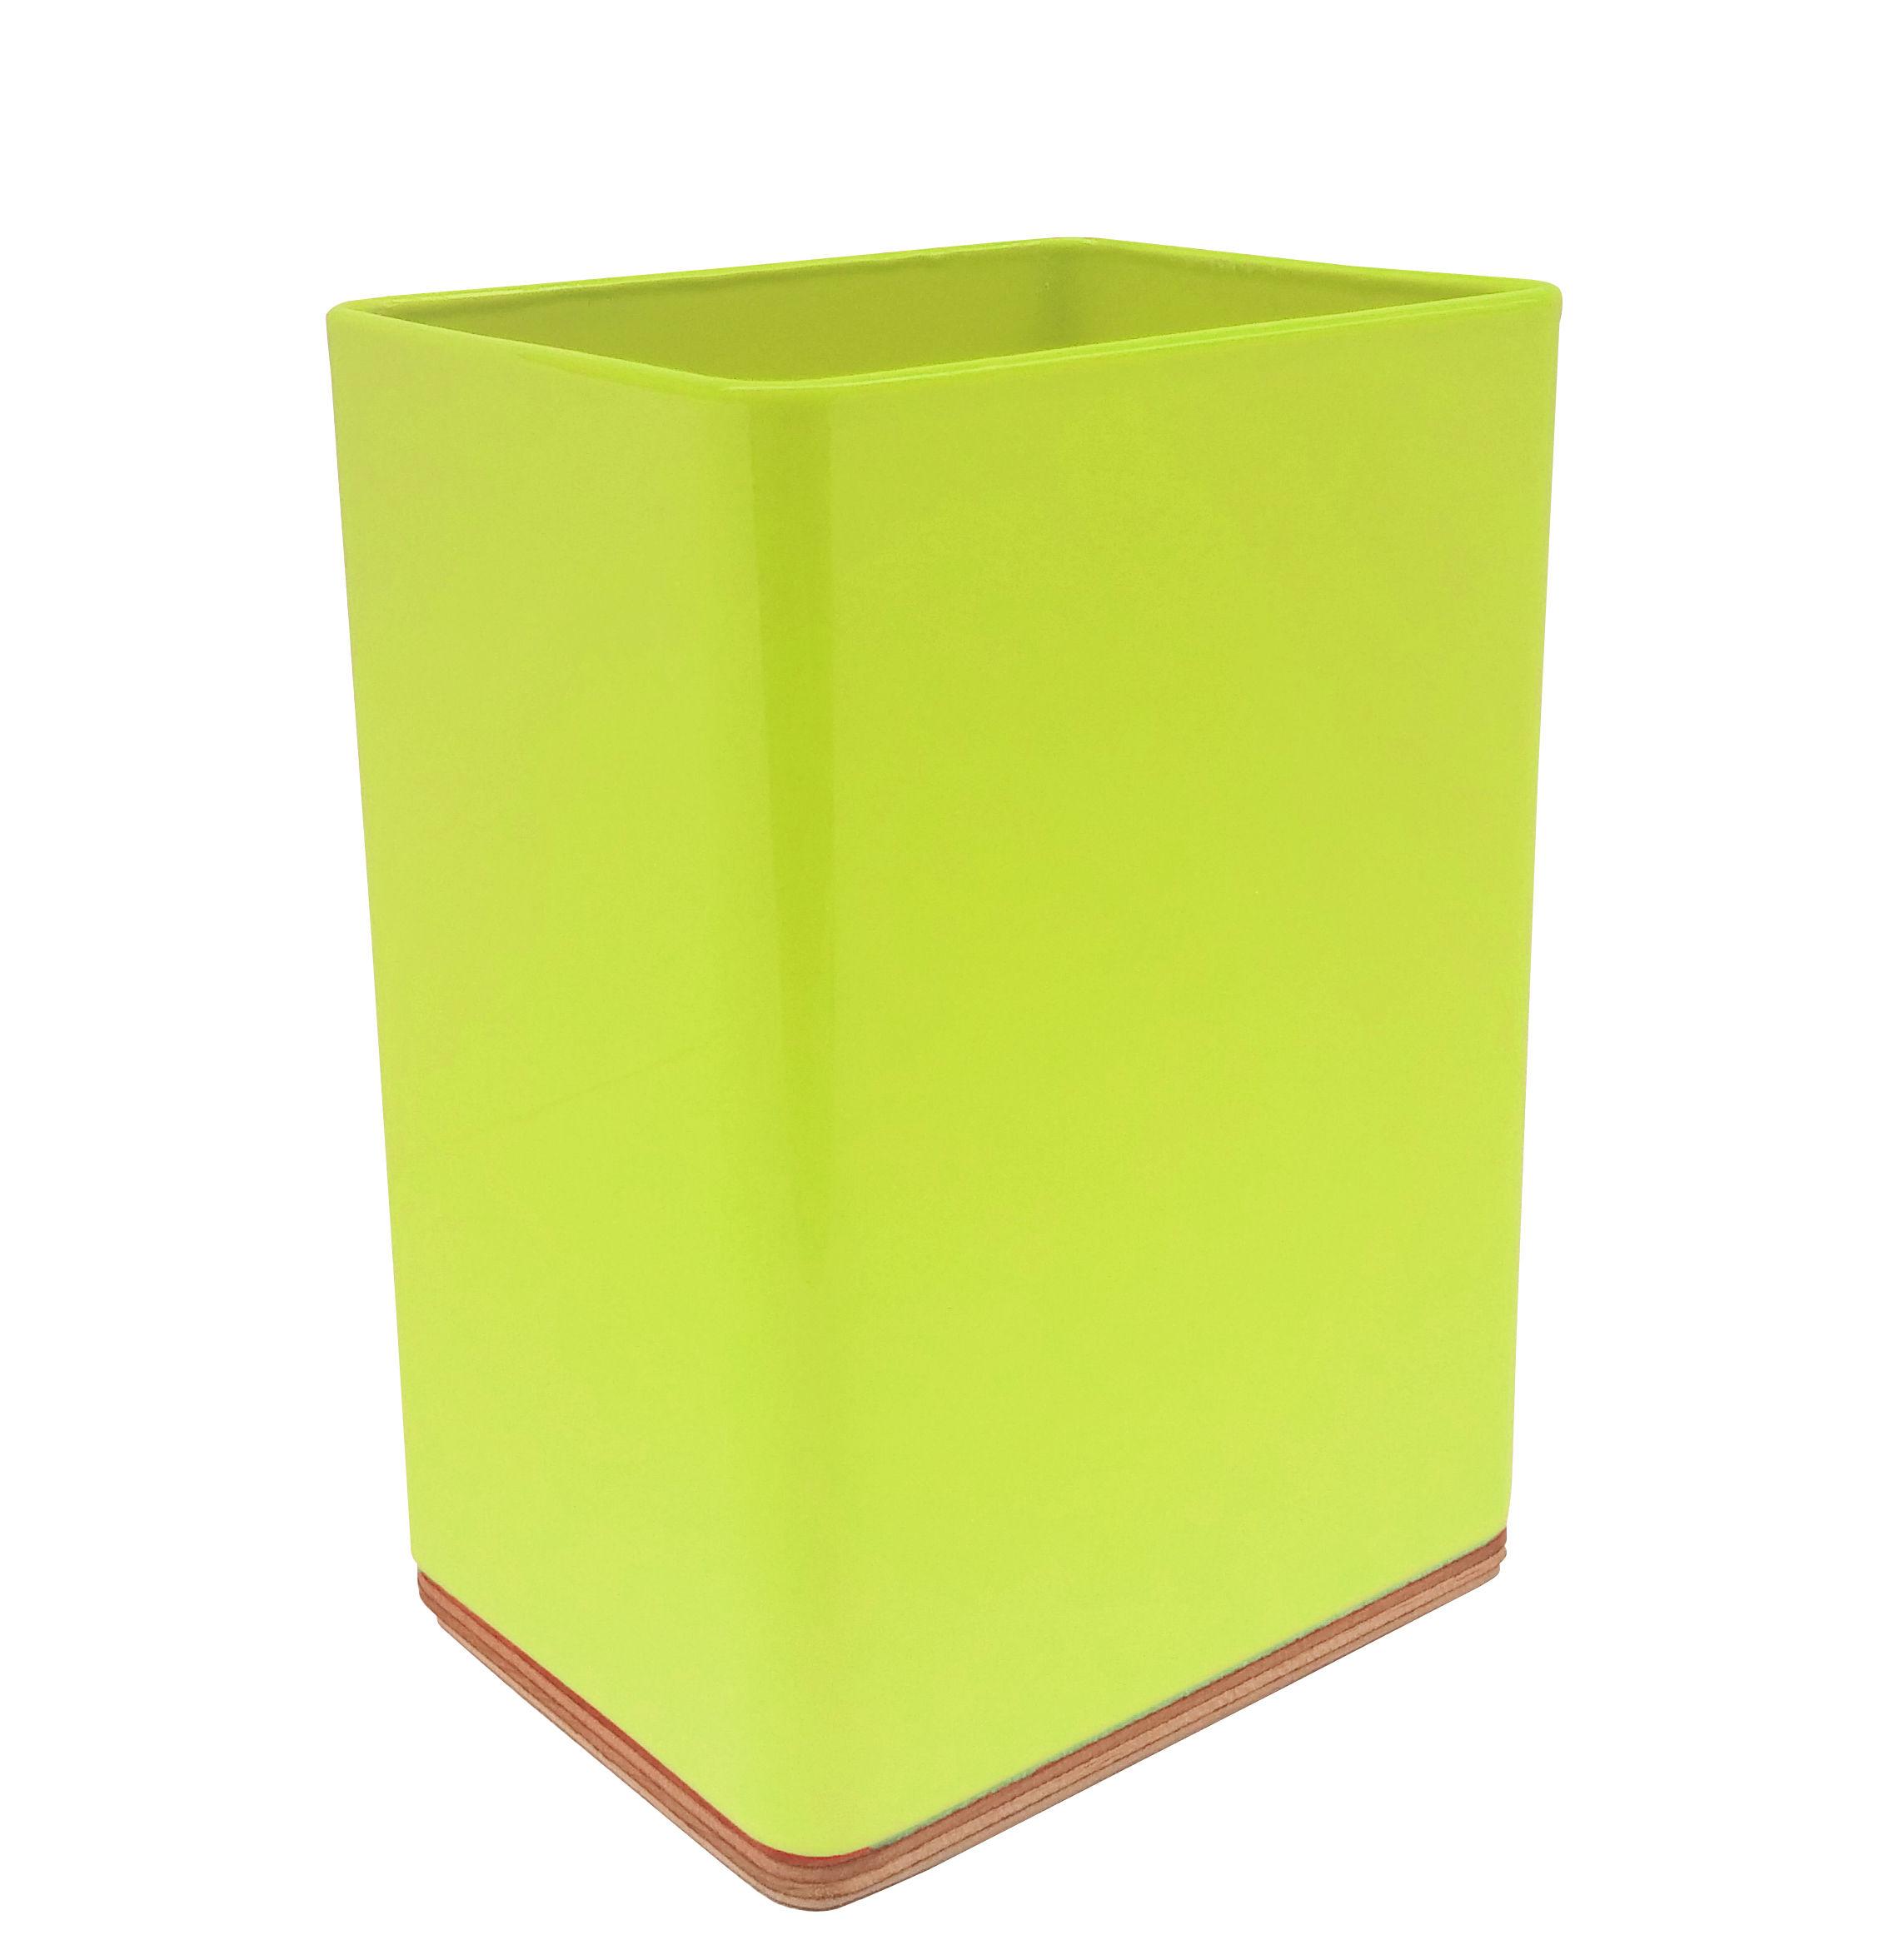 Accessoires - Accessoires für das Büro - Portable Atelier Stifthalter / Moleskine - hoch - Driade - Neon-gelb - Birkenholzfurnier, lackierter Stahl